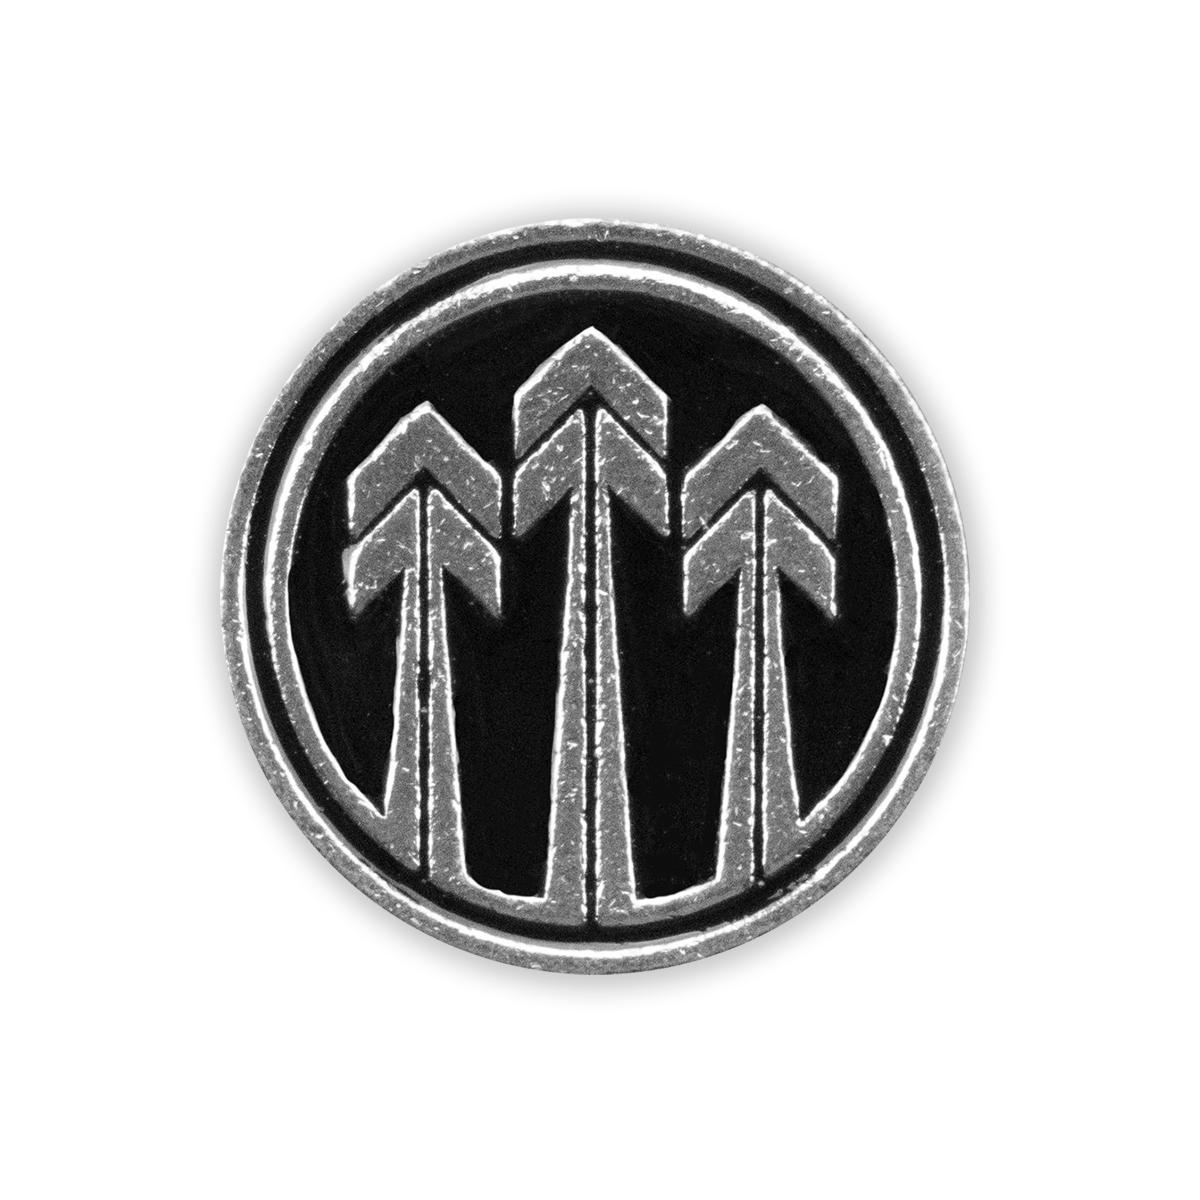 2019 Tour Silver Metal Arrows Pin